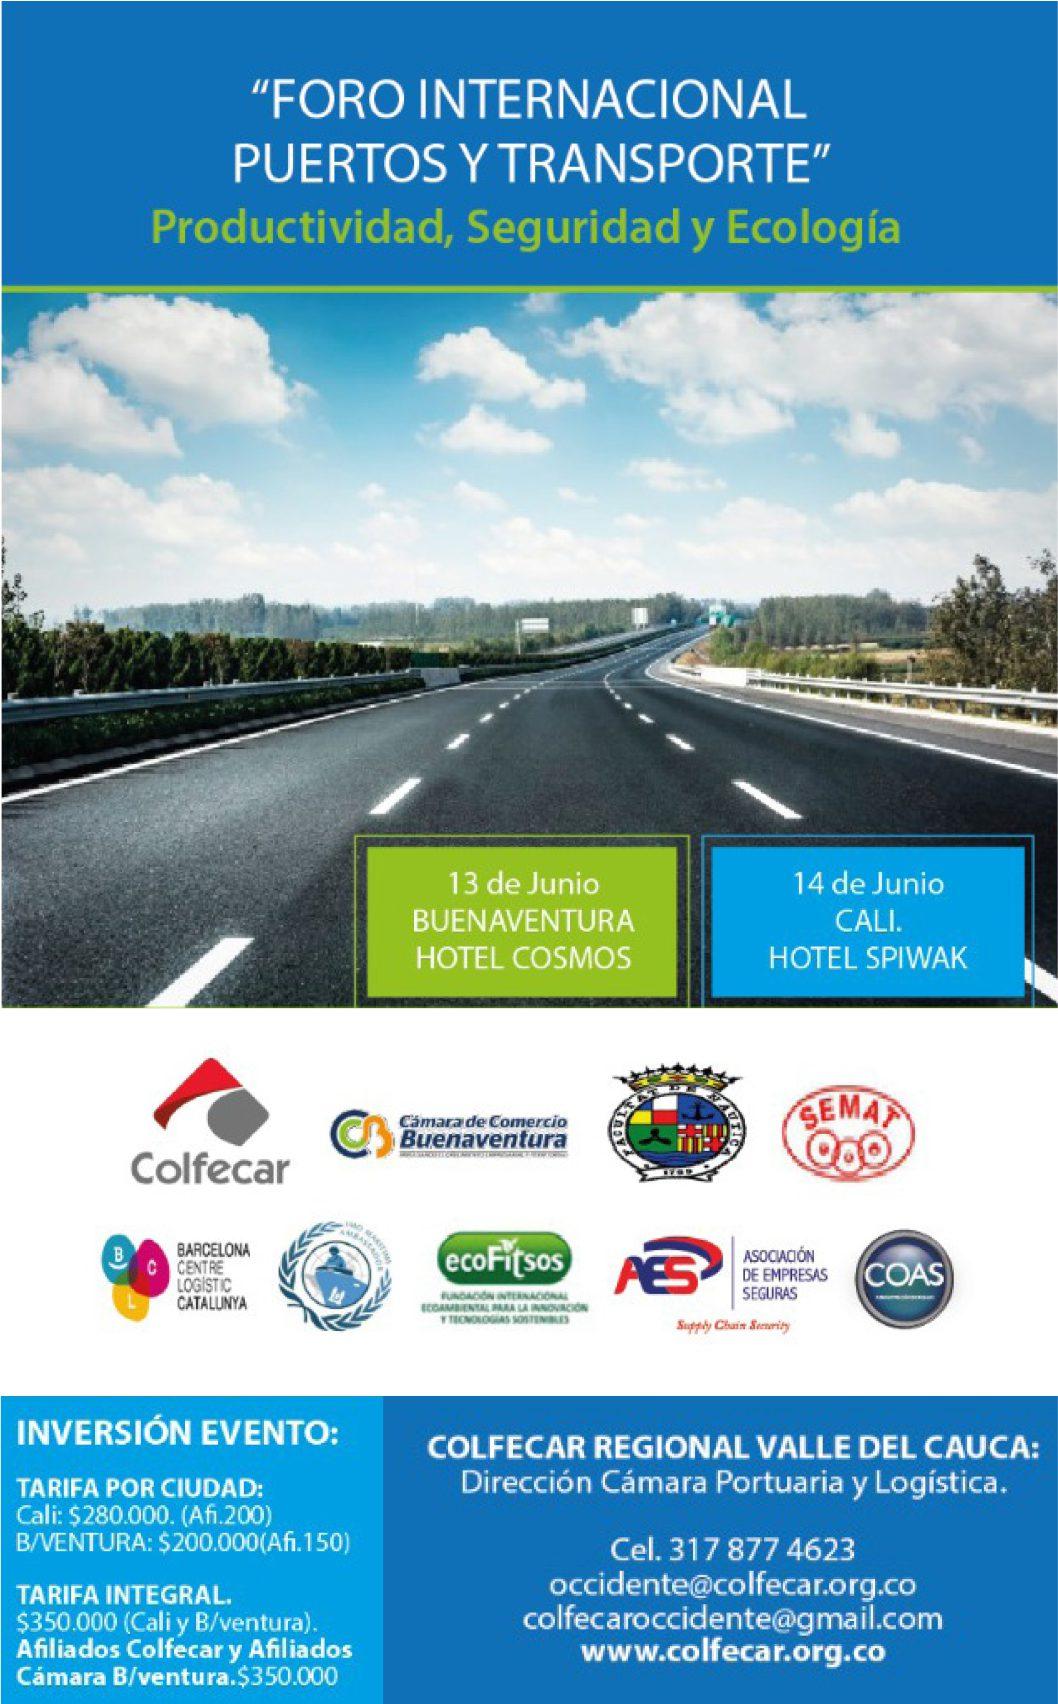 Foro Internacional de Puertos y Transporte será realizado por Colfecar occidente